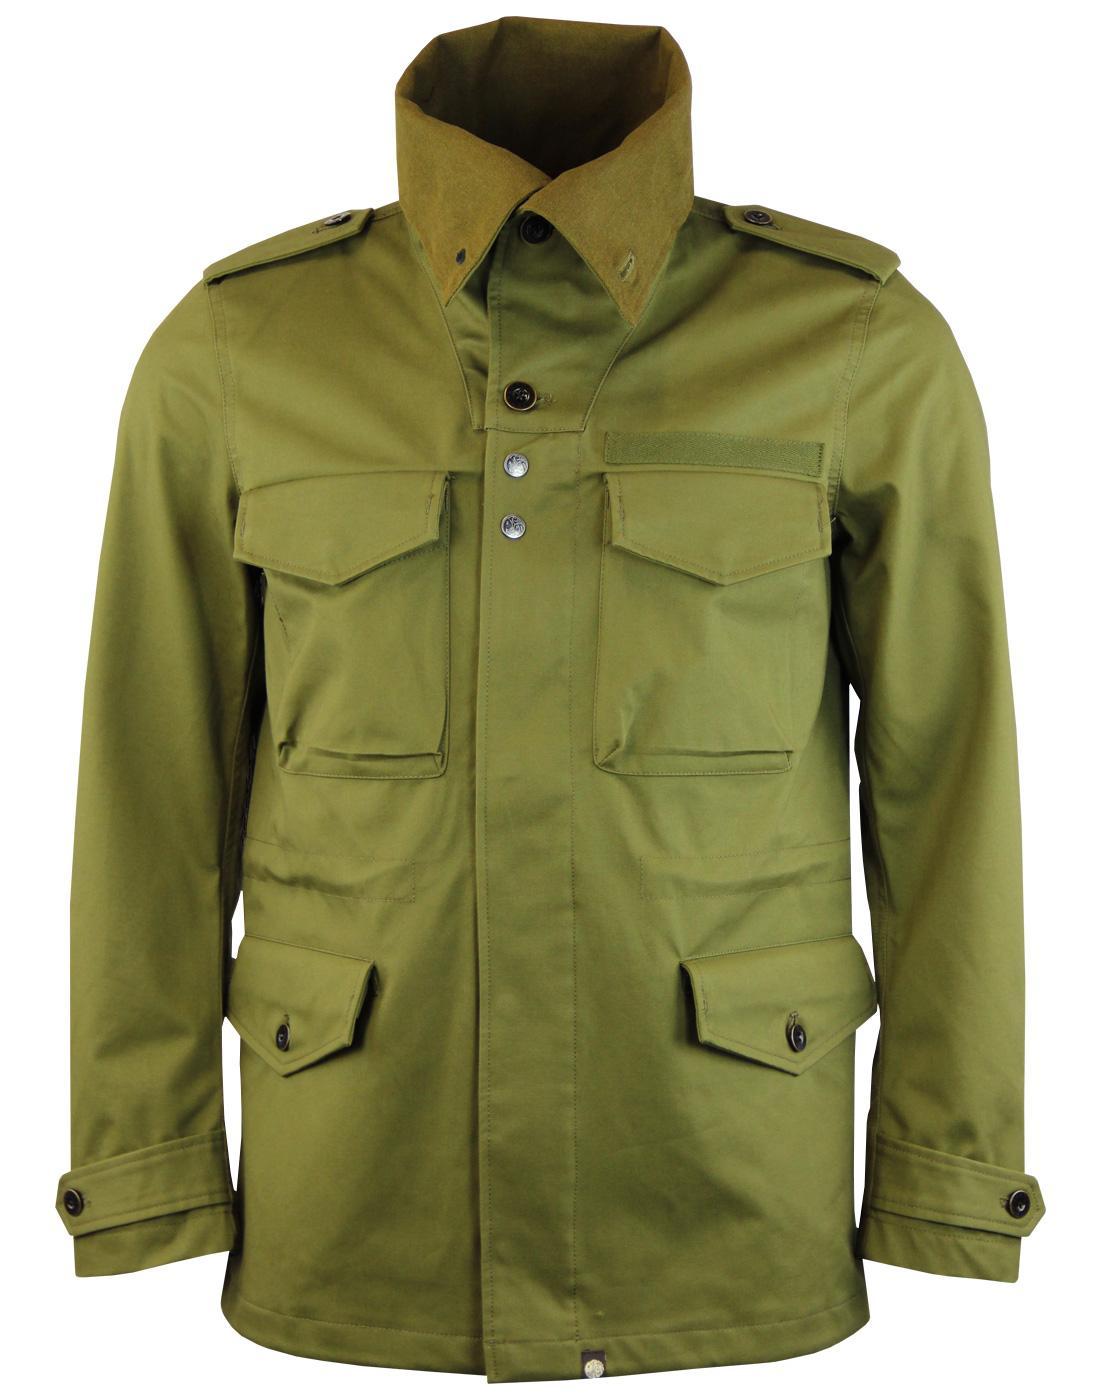 Roeburn PRETTY GREEN Mod Funnel Neck Field Jacket